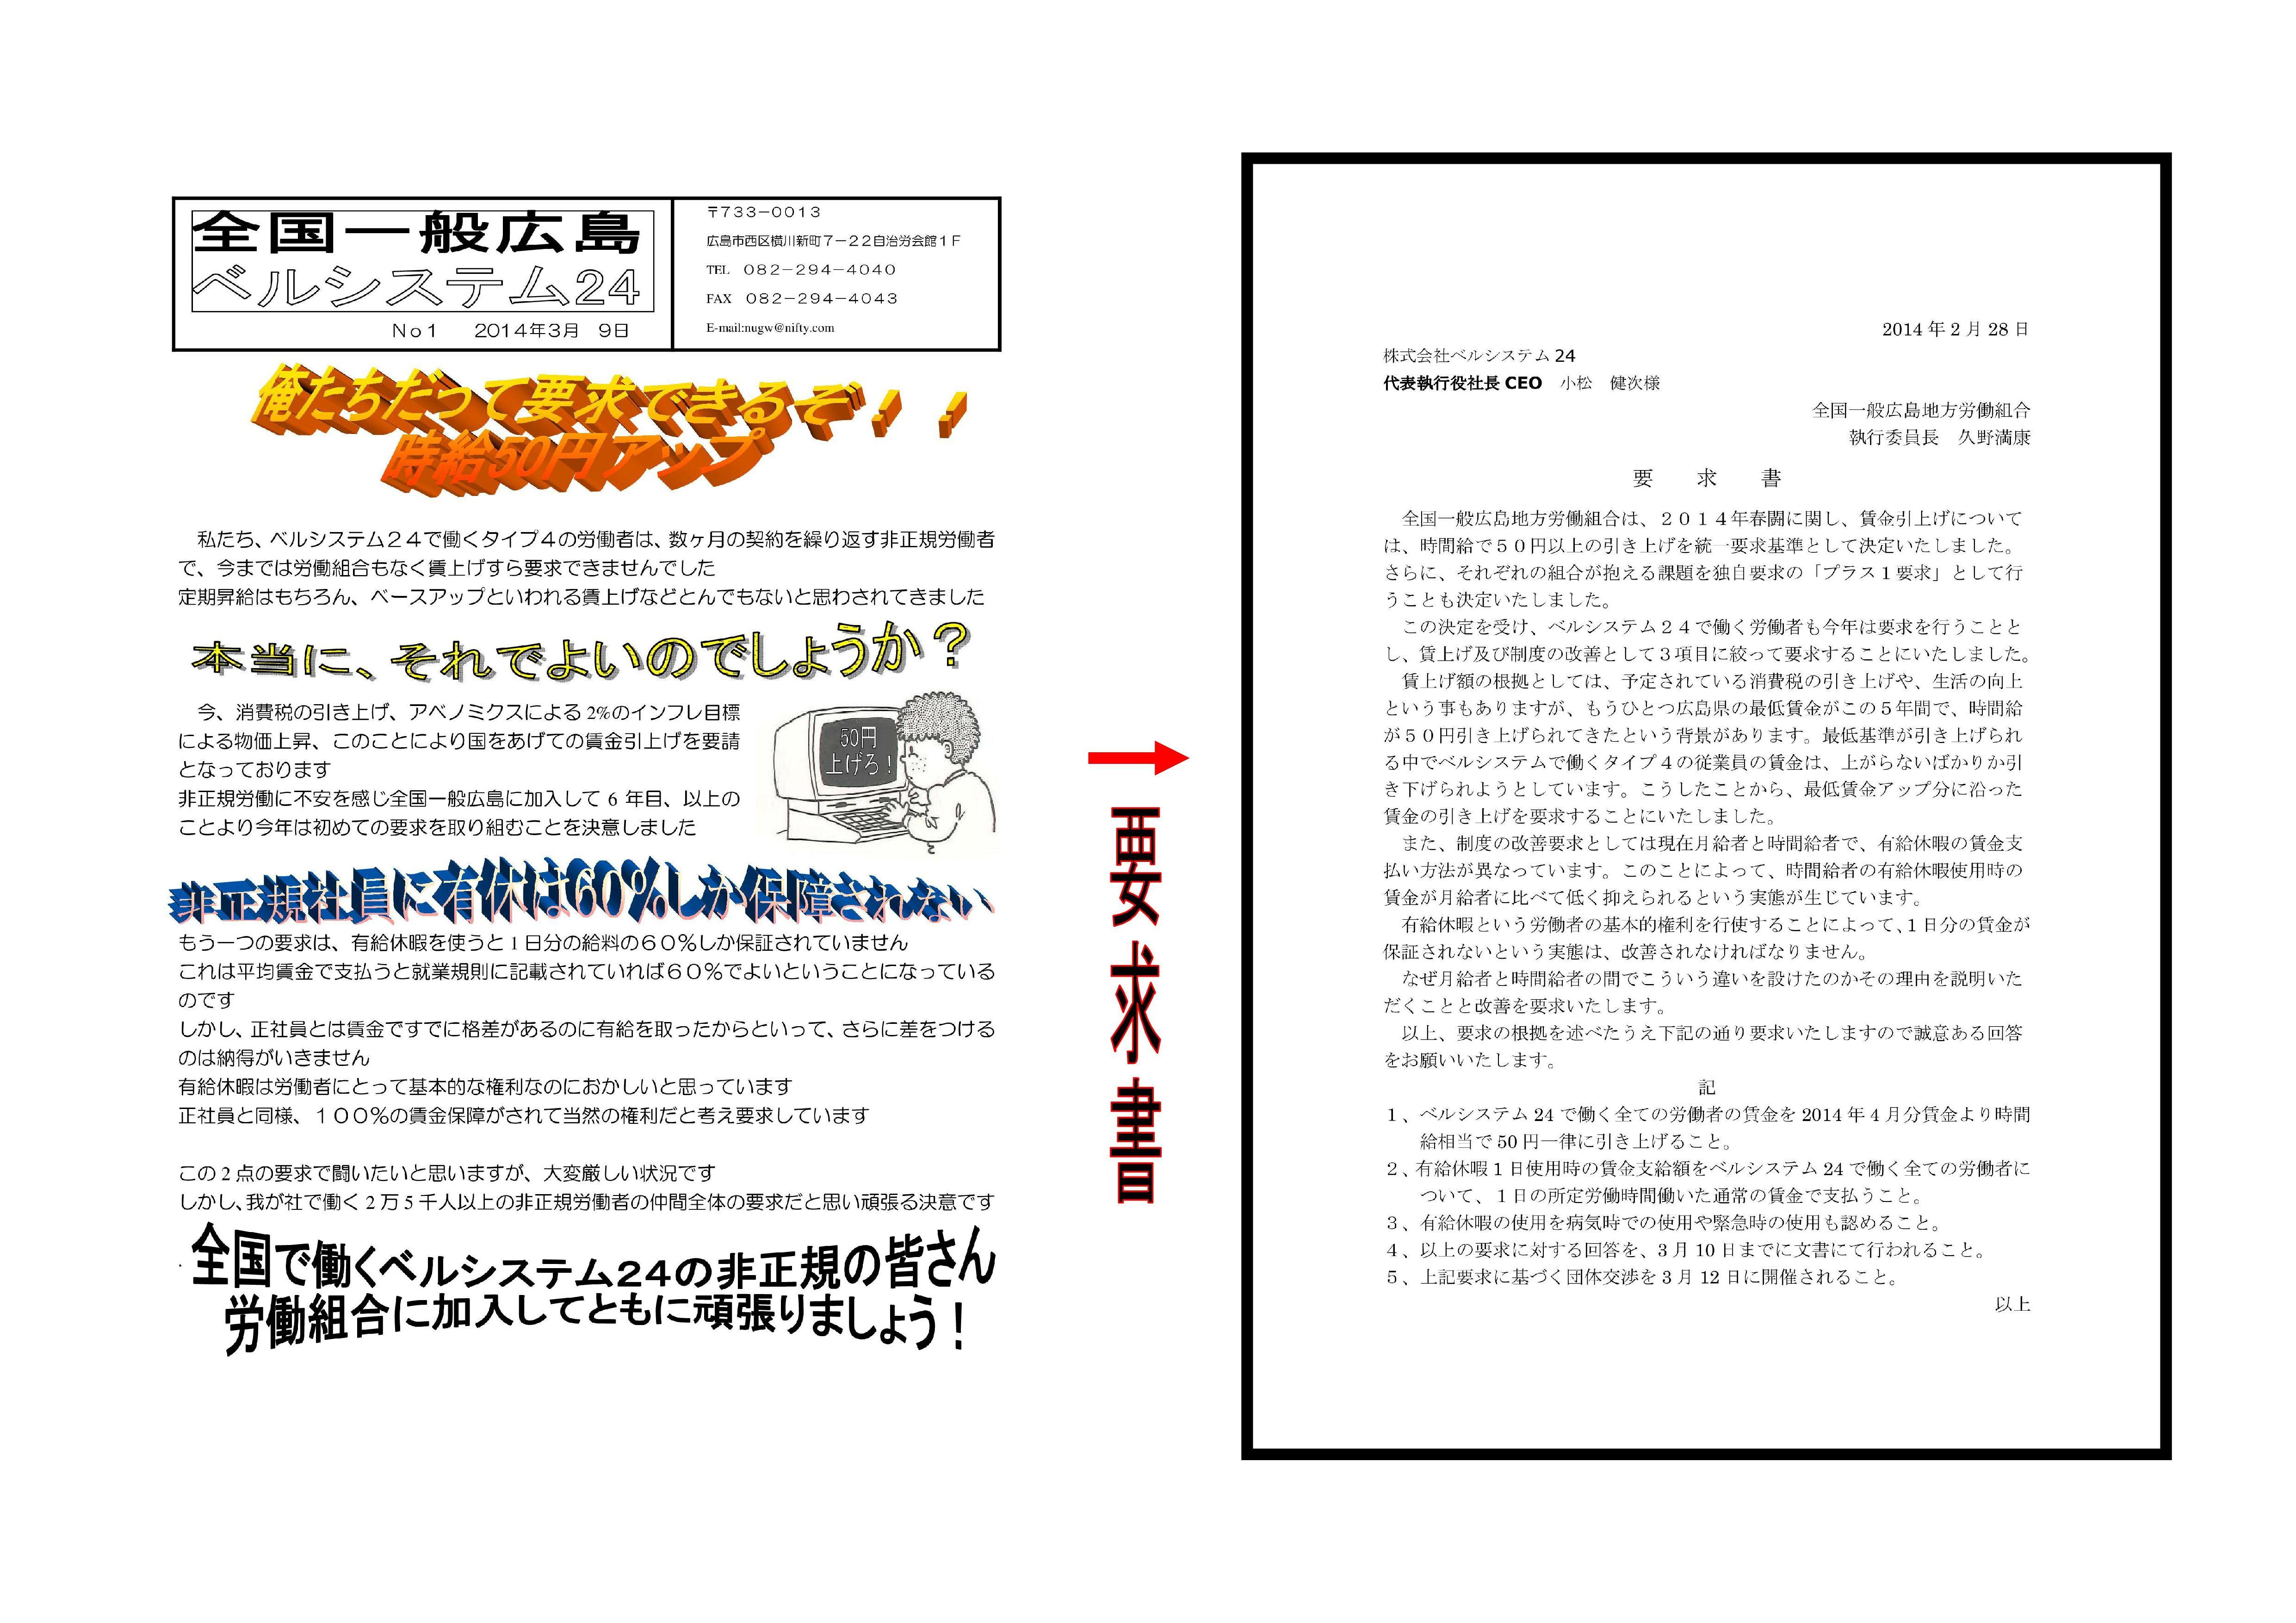 全国一般広島ベルシステム24ニュース1号